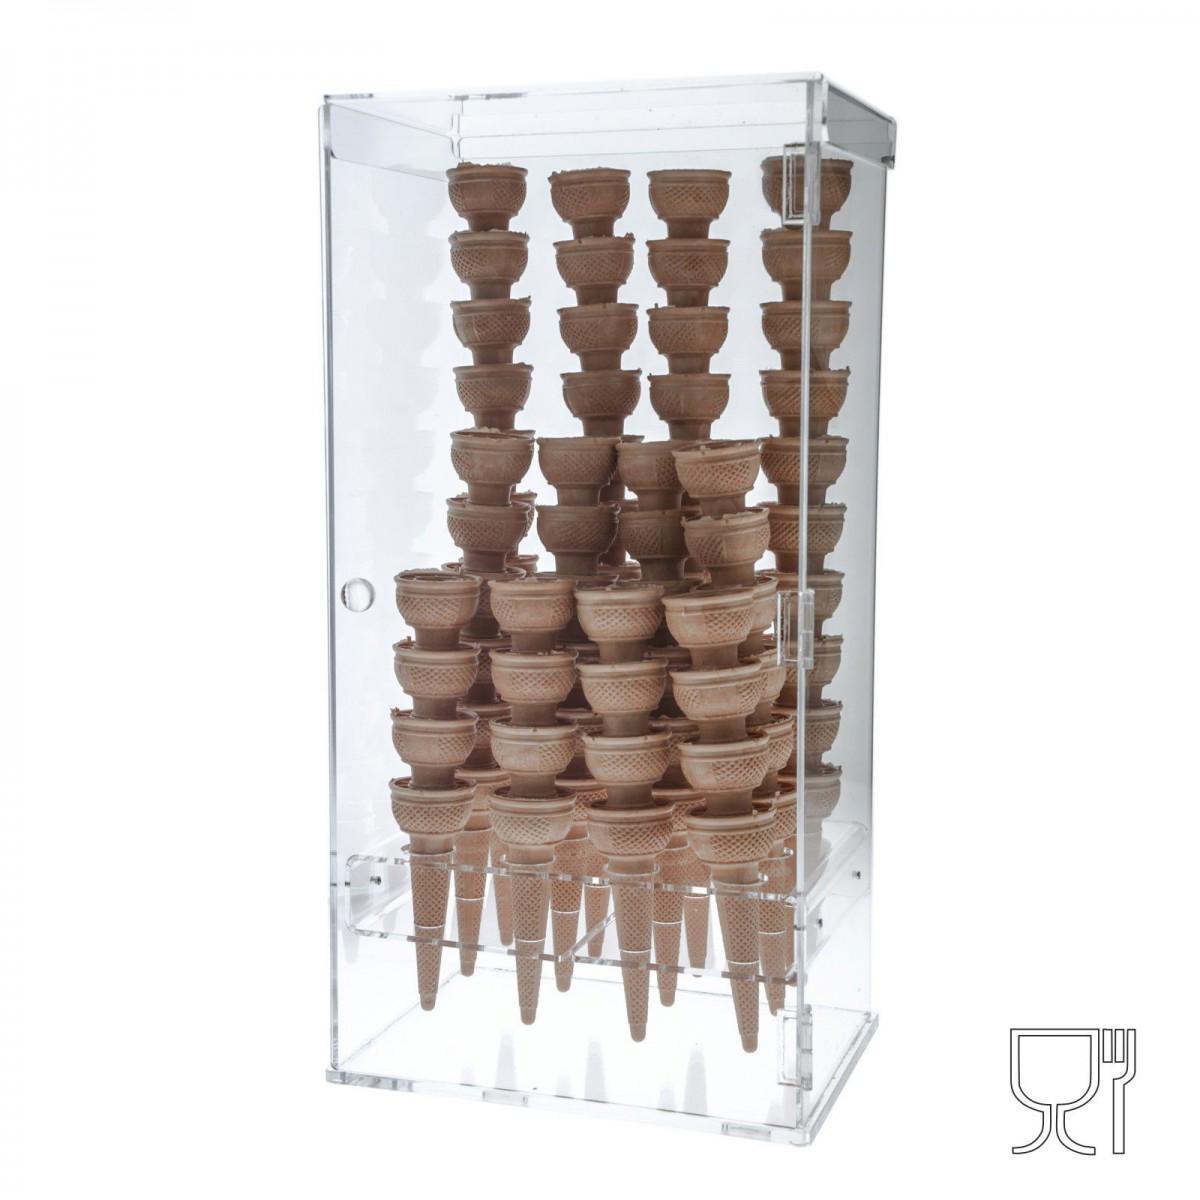 E-192 PCN - Porta coni gelato in plexiglass trasparente a 12 fori